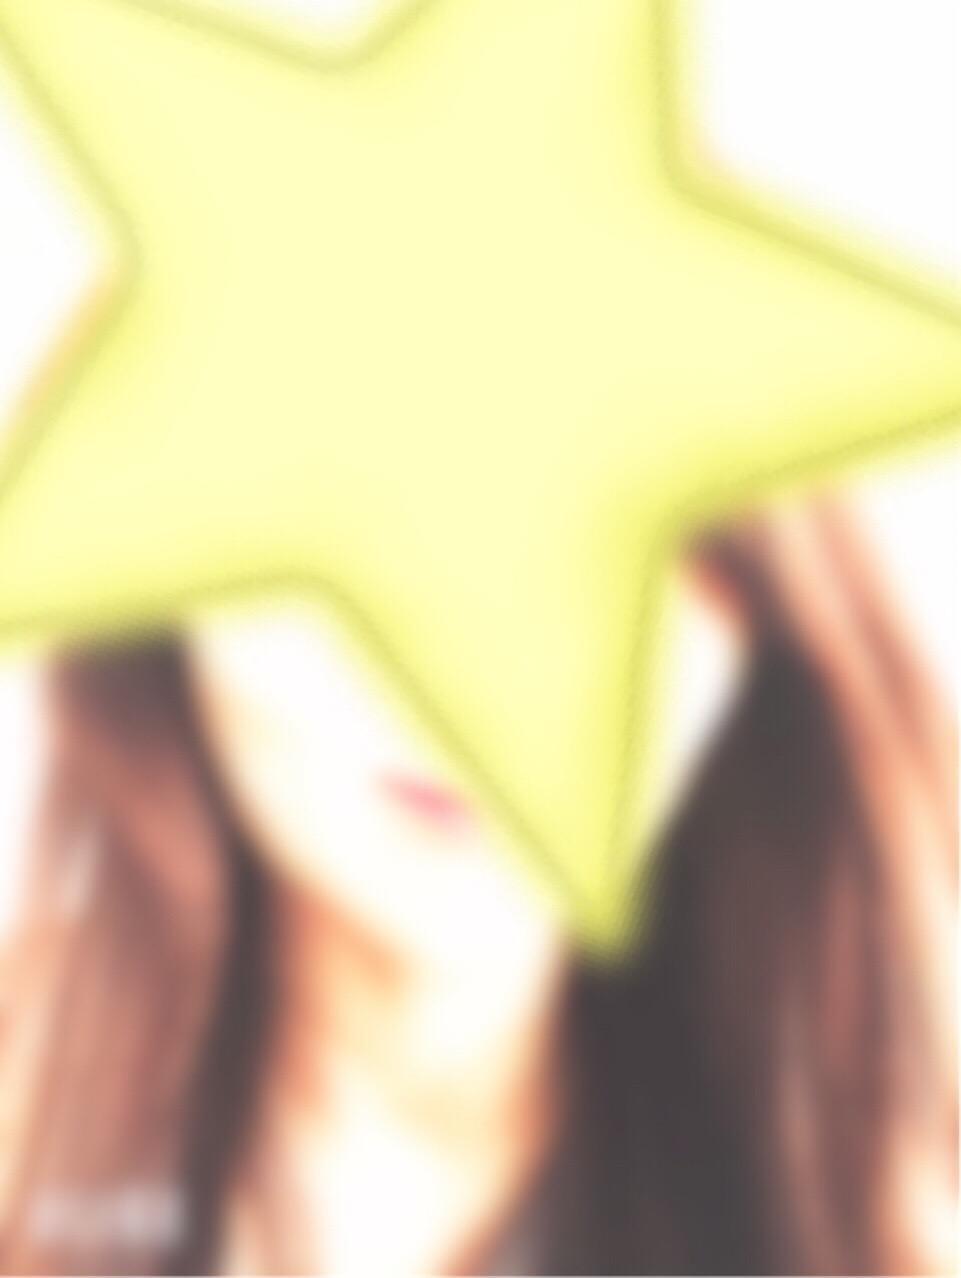 「本日わ」09/28(月) 17:06 | みわの写メ・風俗動画